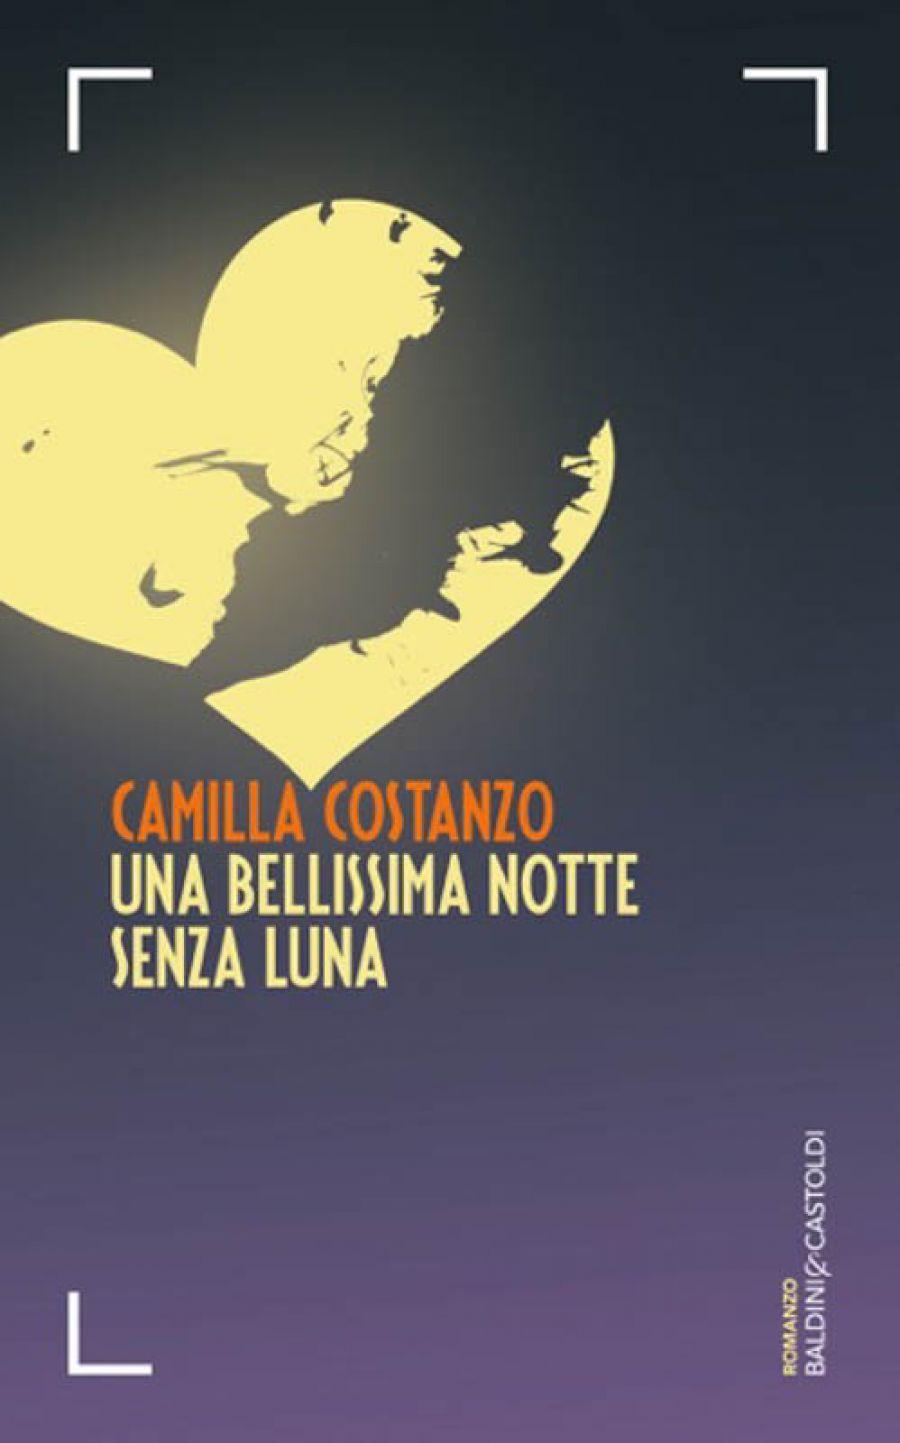 """""""Una bellissima notte senza luna"""", il nuovo romanzo di C. Costanzo"""